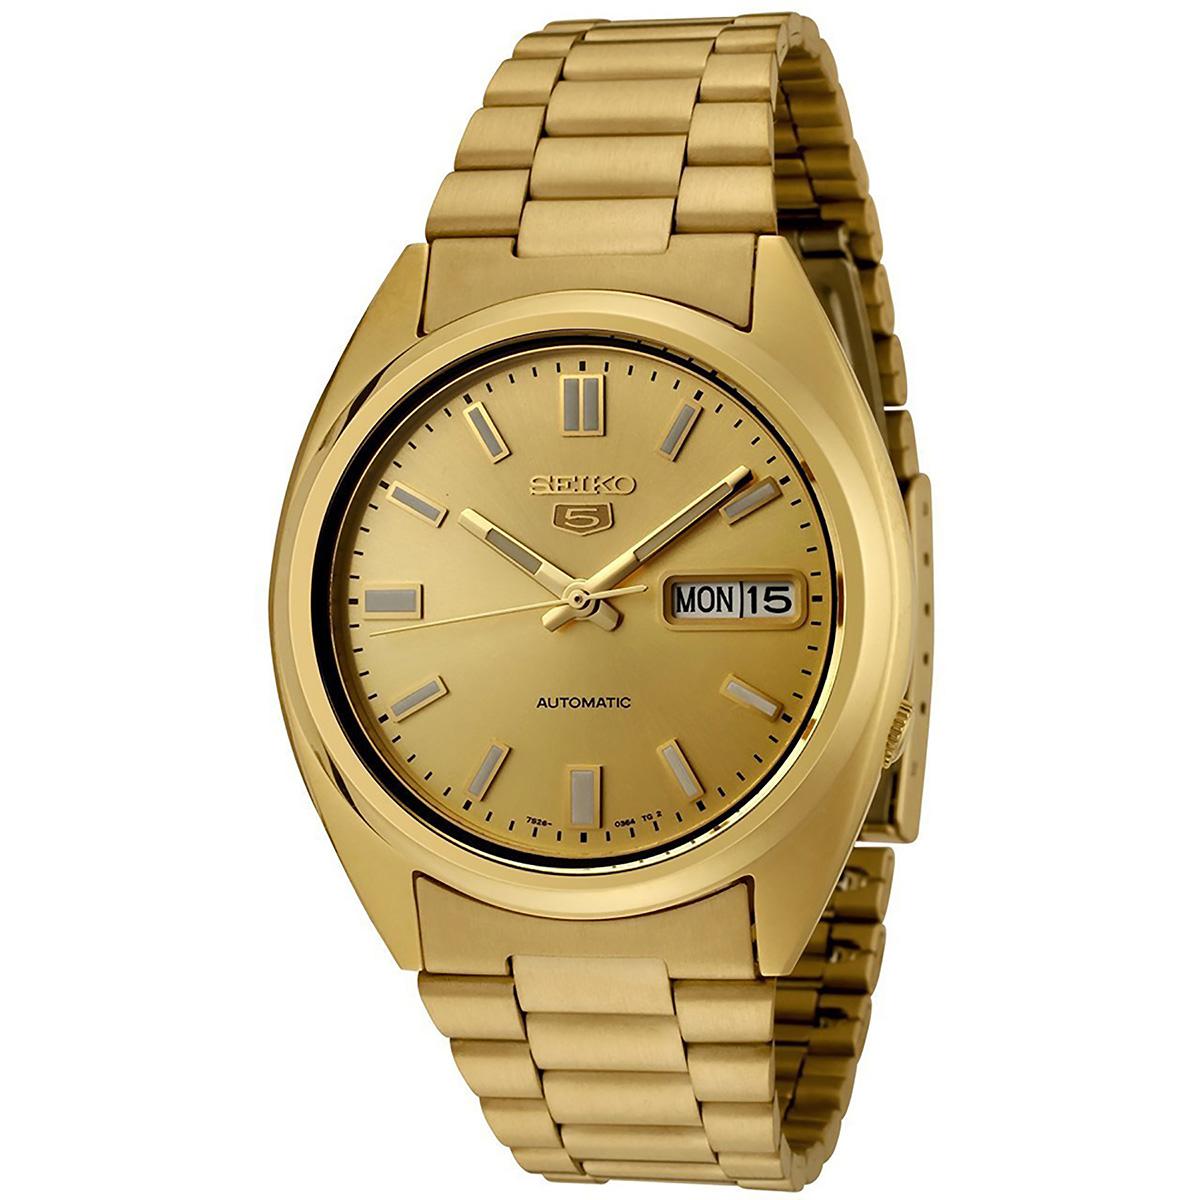 seiko 5 gent uhr snxs80k automatikuhr gold golden herrenuhr watch neu ovp ebay. Black Bedroom Furniture Sets. Home Design Ideas